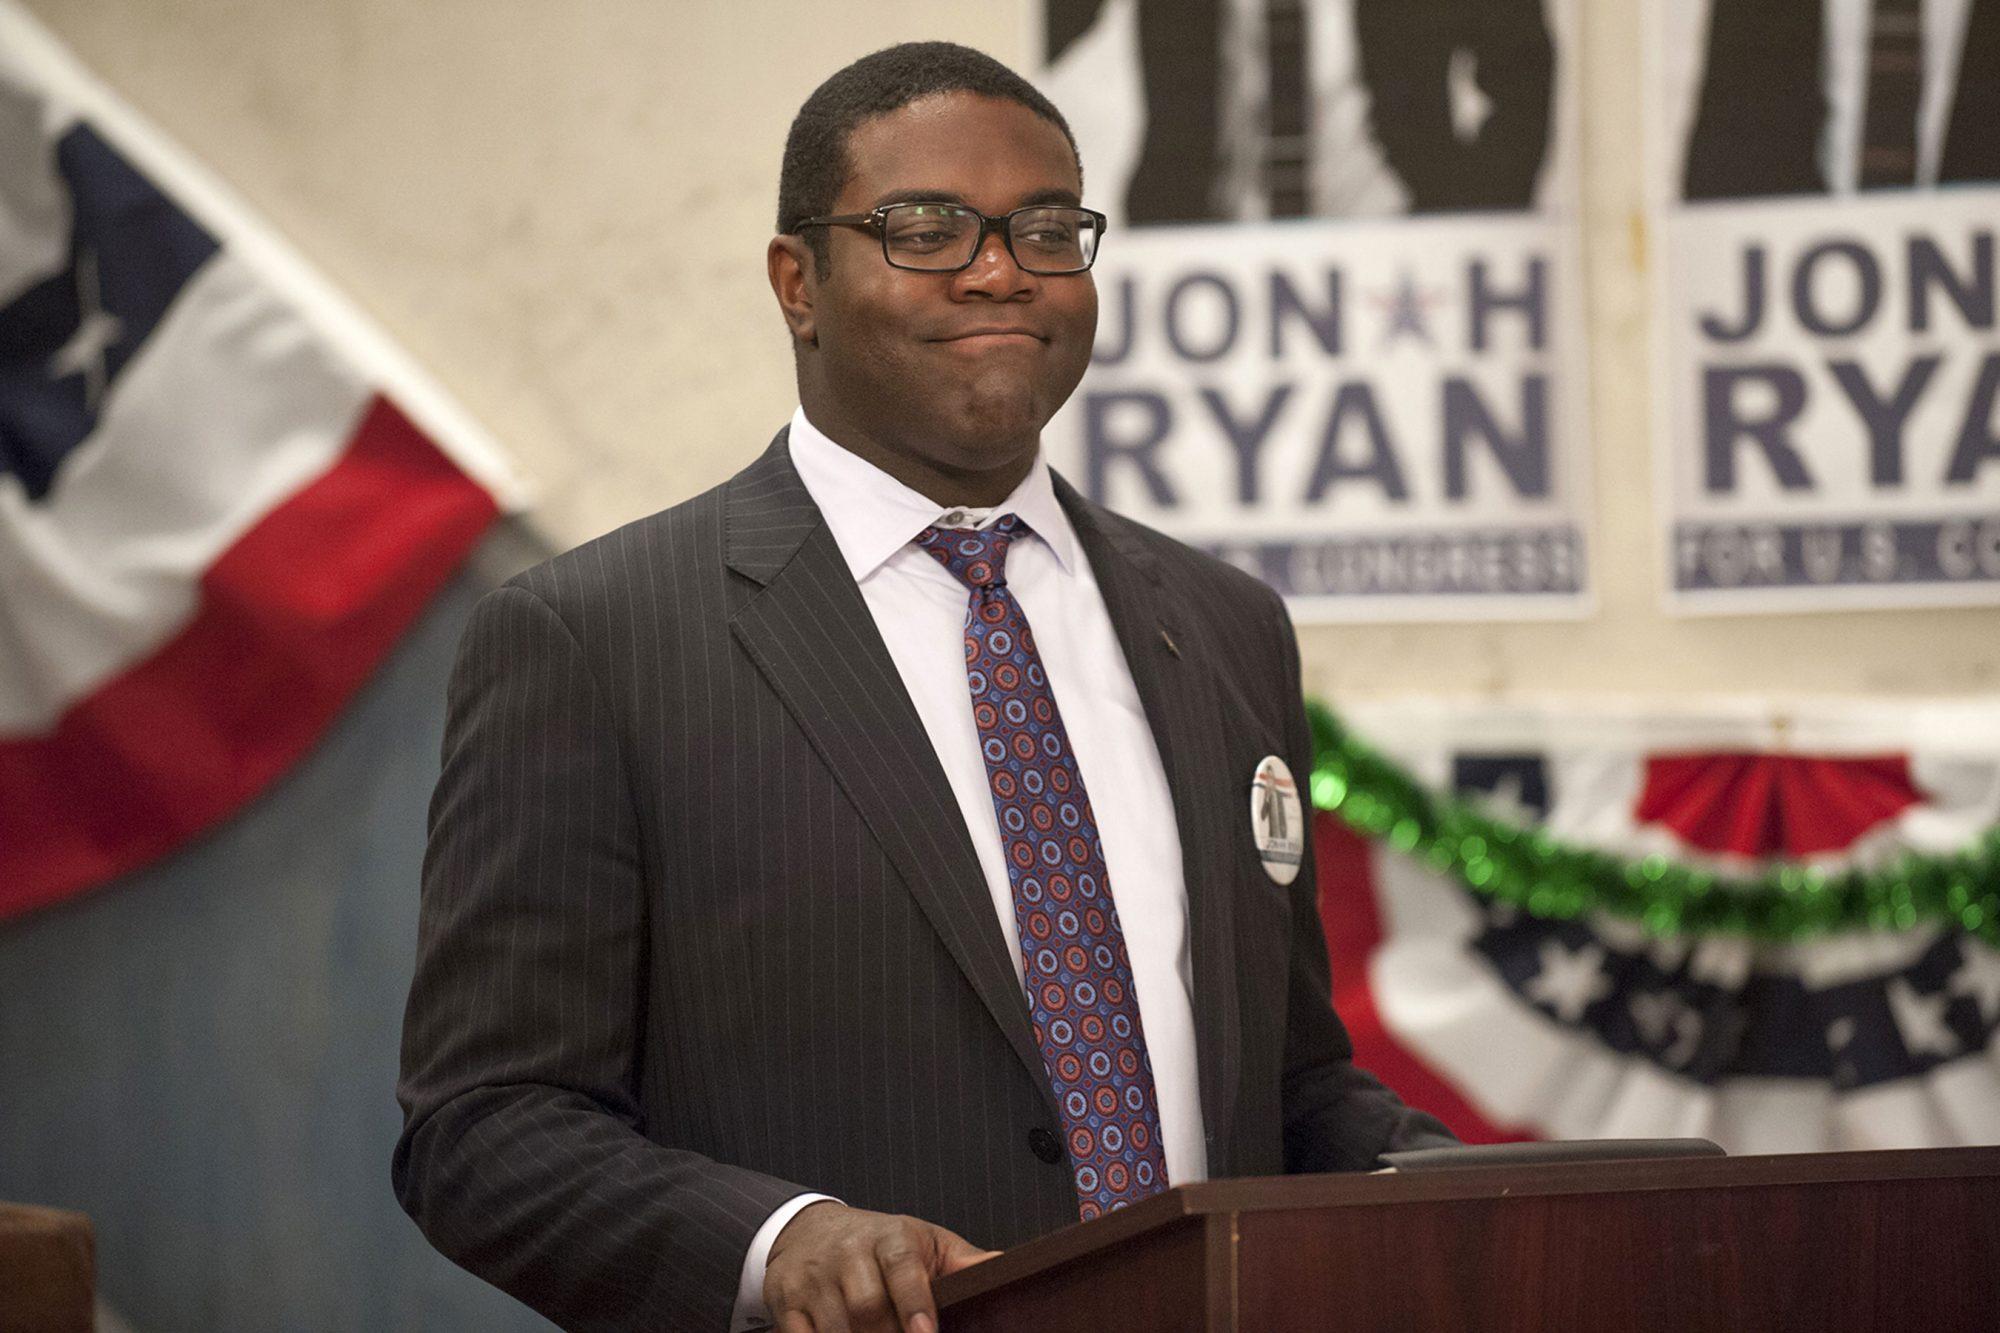 VeppSam Richardson.photo: Lacey Terrell/courtesy of HBO